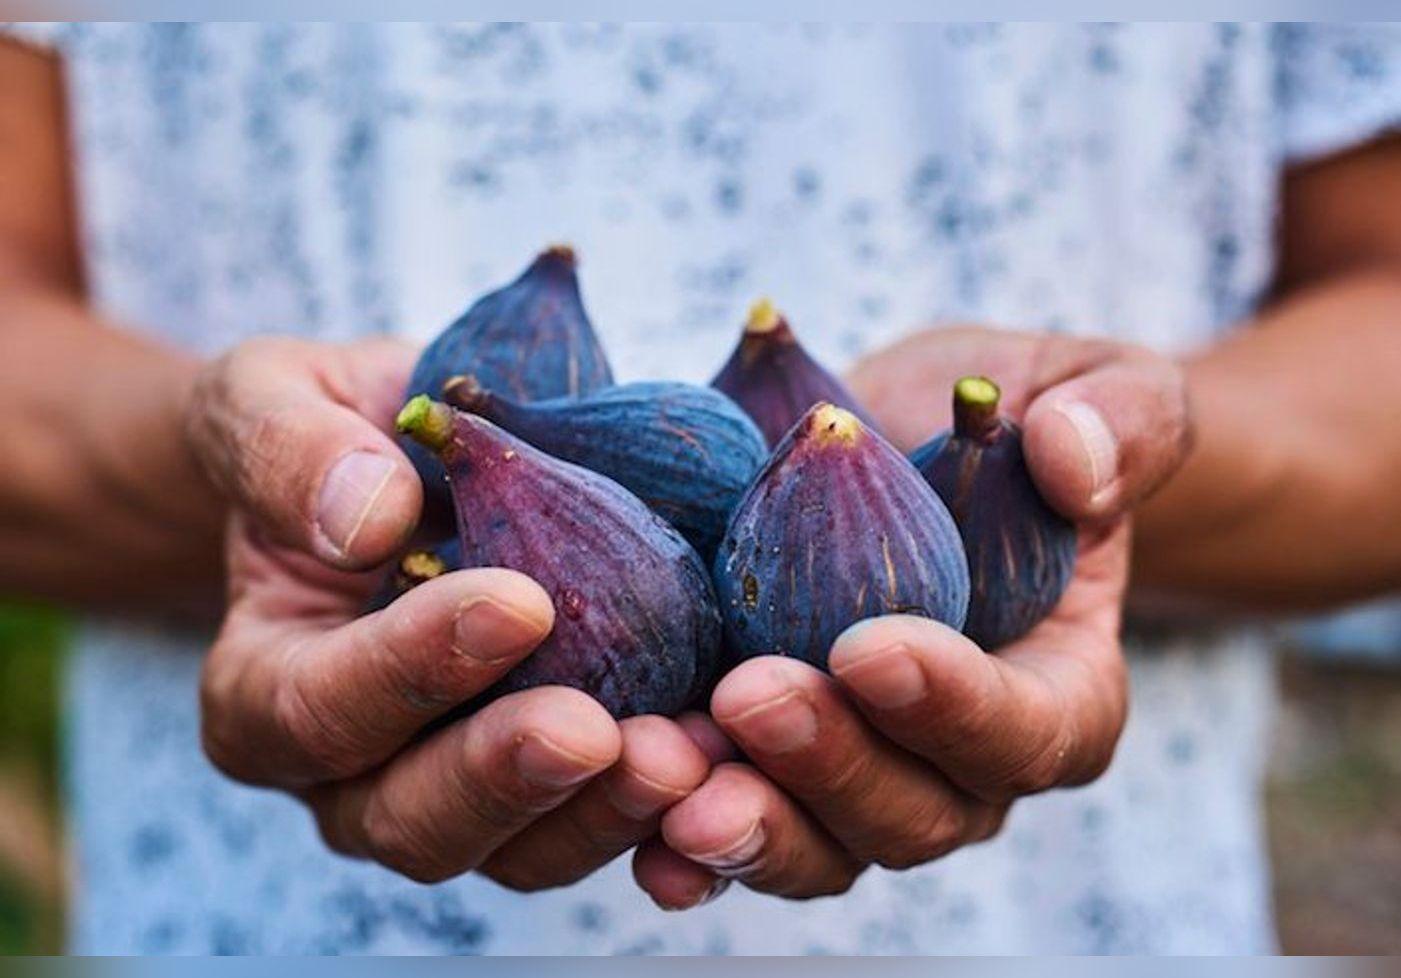 Lorsque l'on déguste une figue, on mange aussi un insecte, mais lequel ?